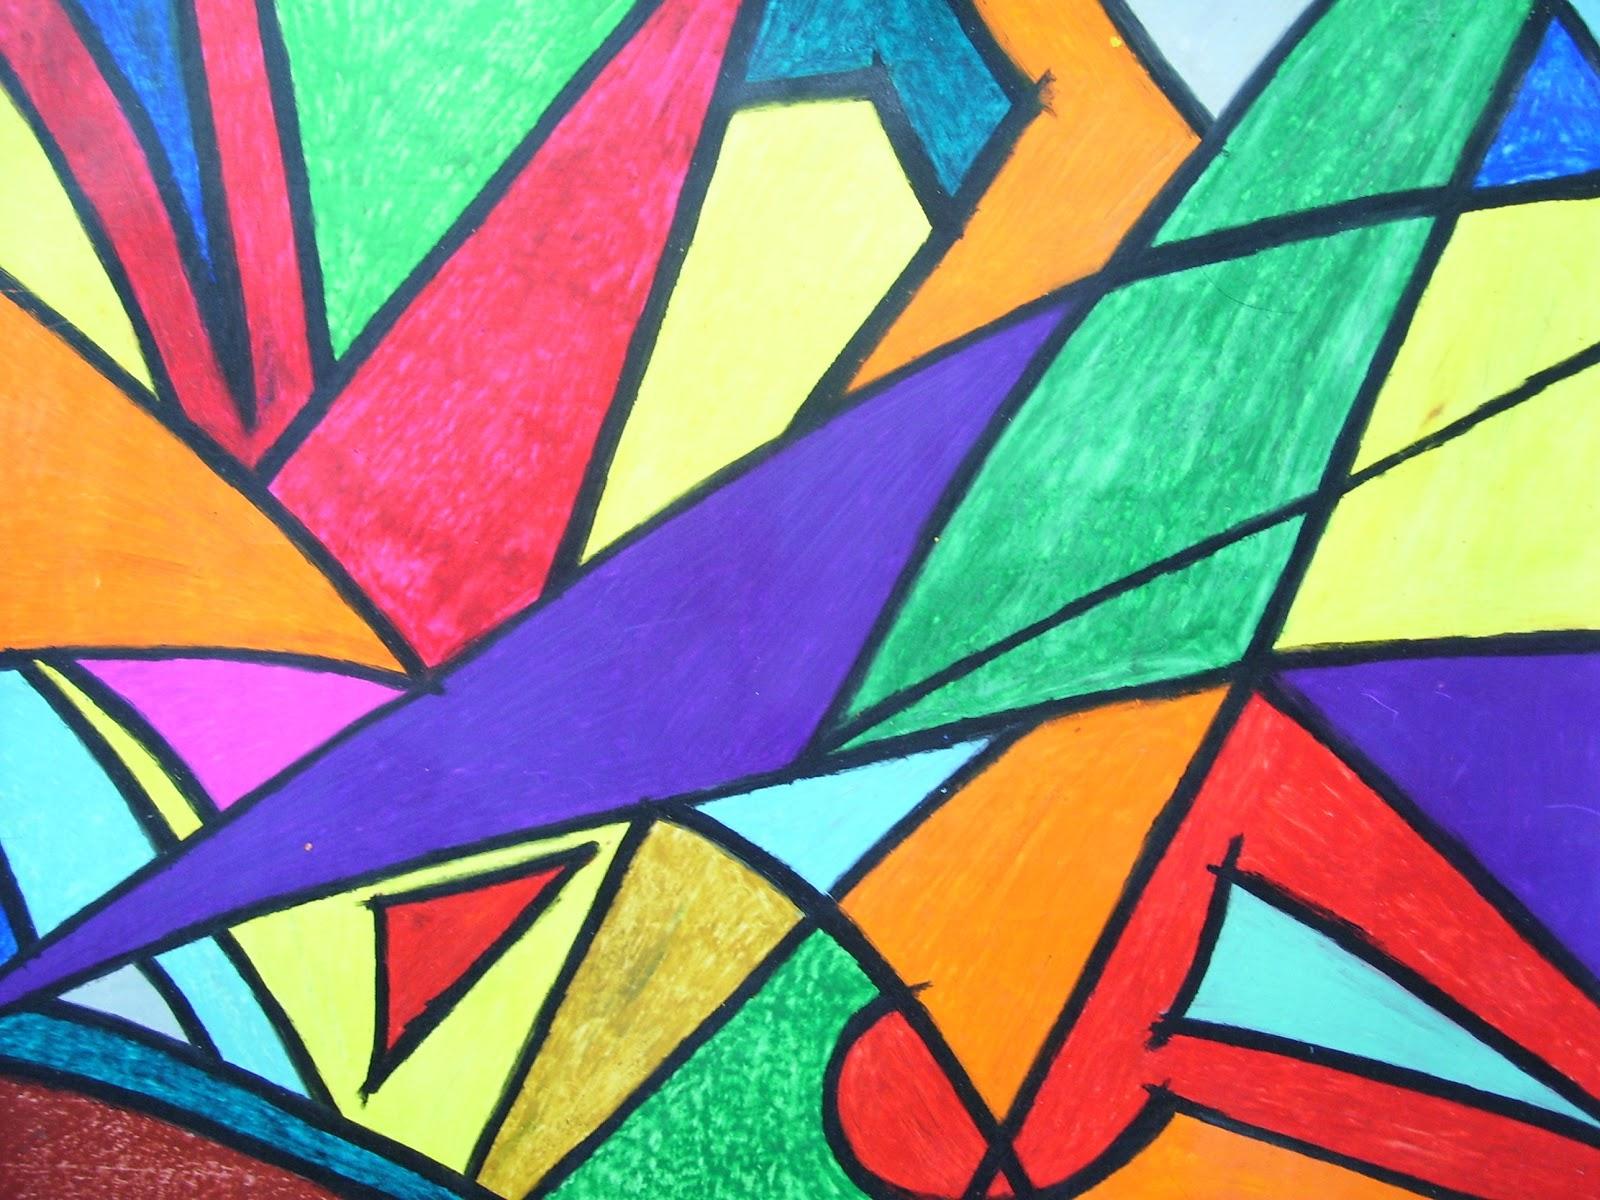 Cuadros abstractos paisajes arquitectura y eroticos for Imagenes de cuadros abstractos geometricos